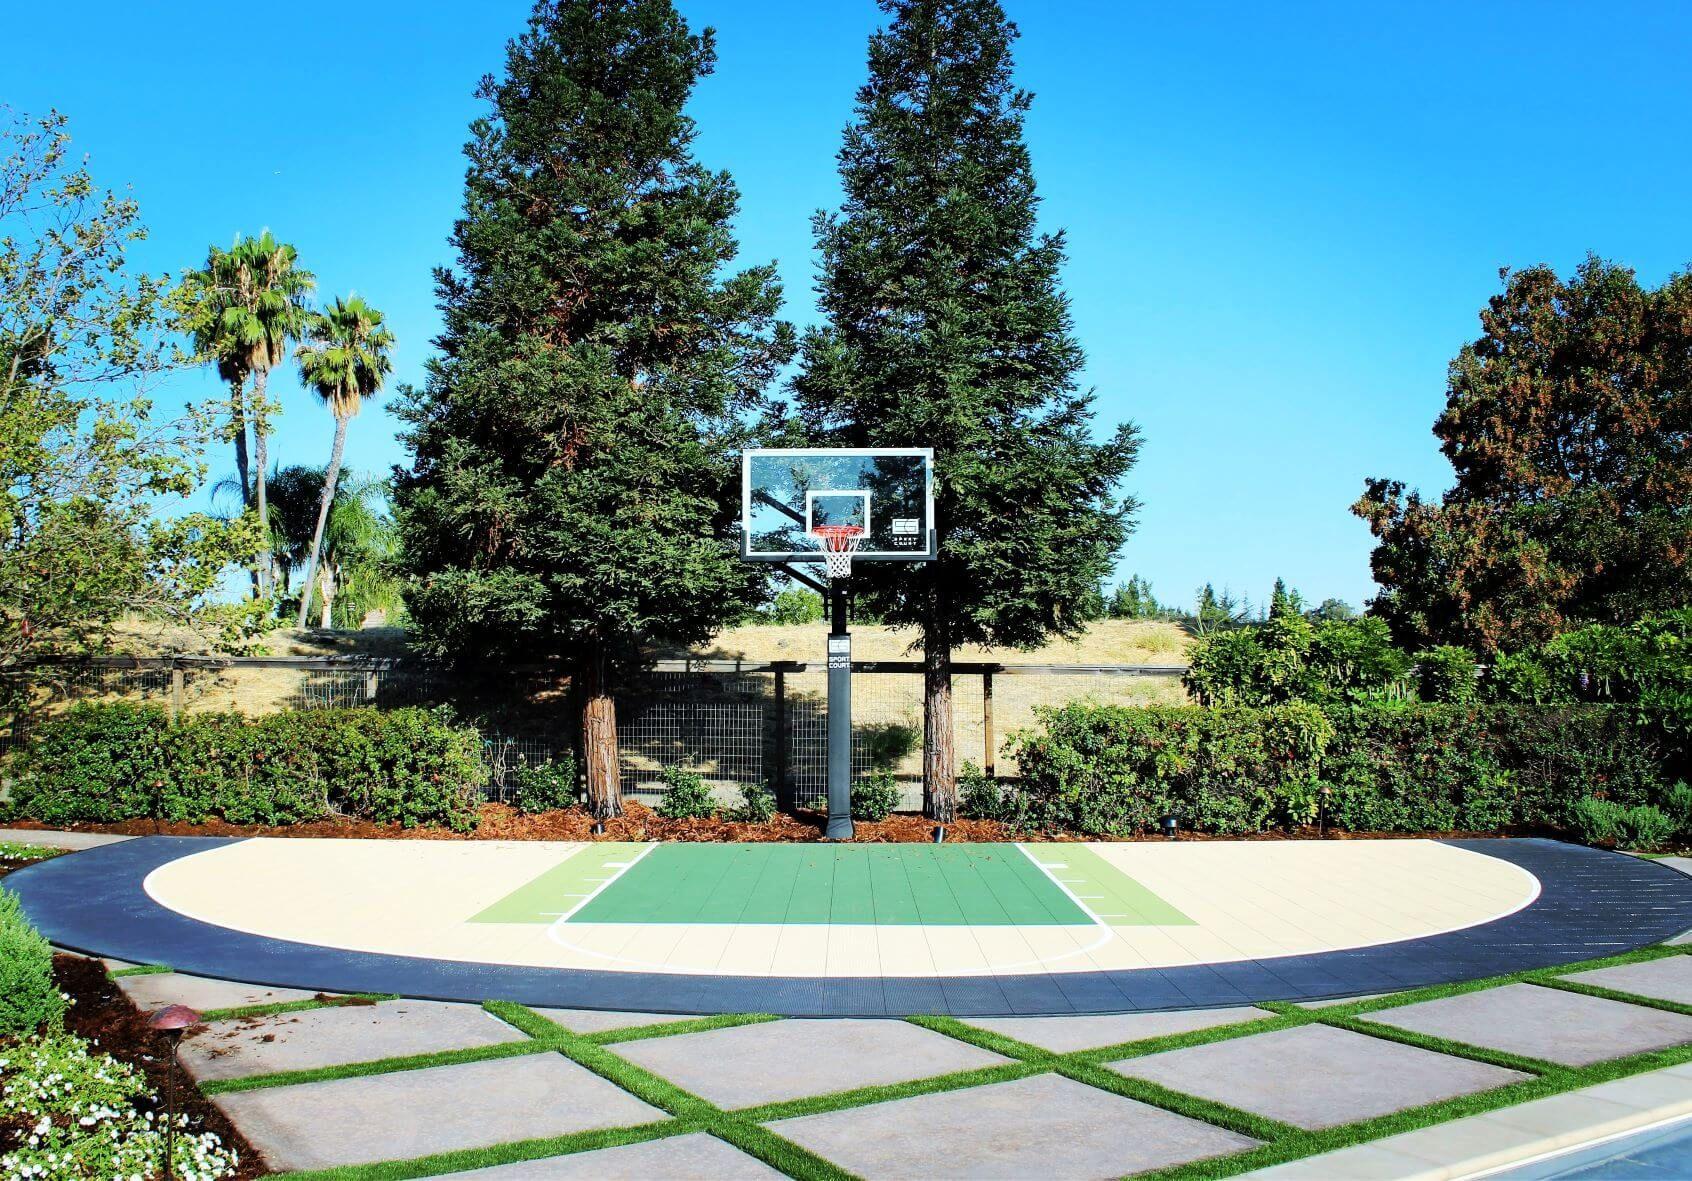 Wonderful Small Backyard Basketball Court Ideas   Backyard ...